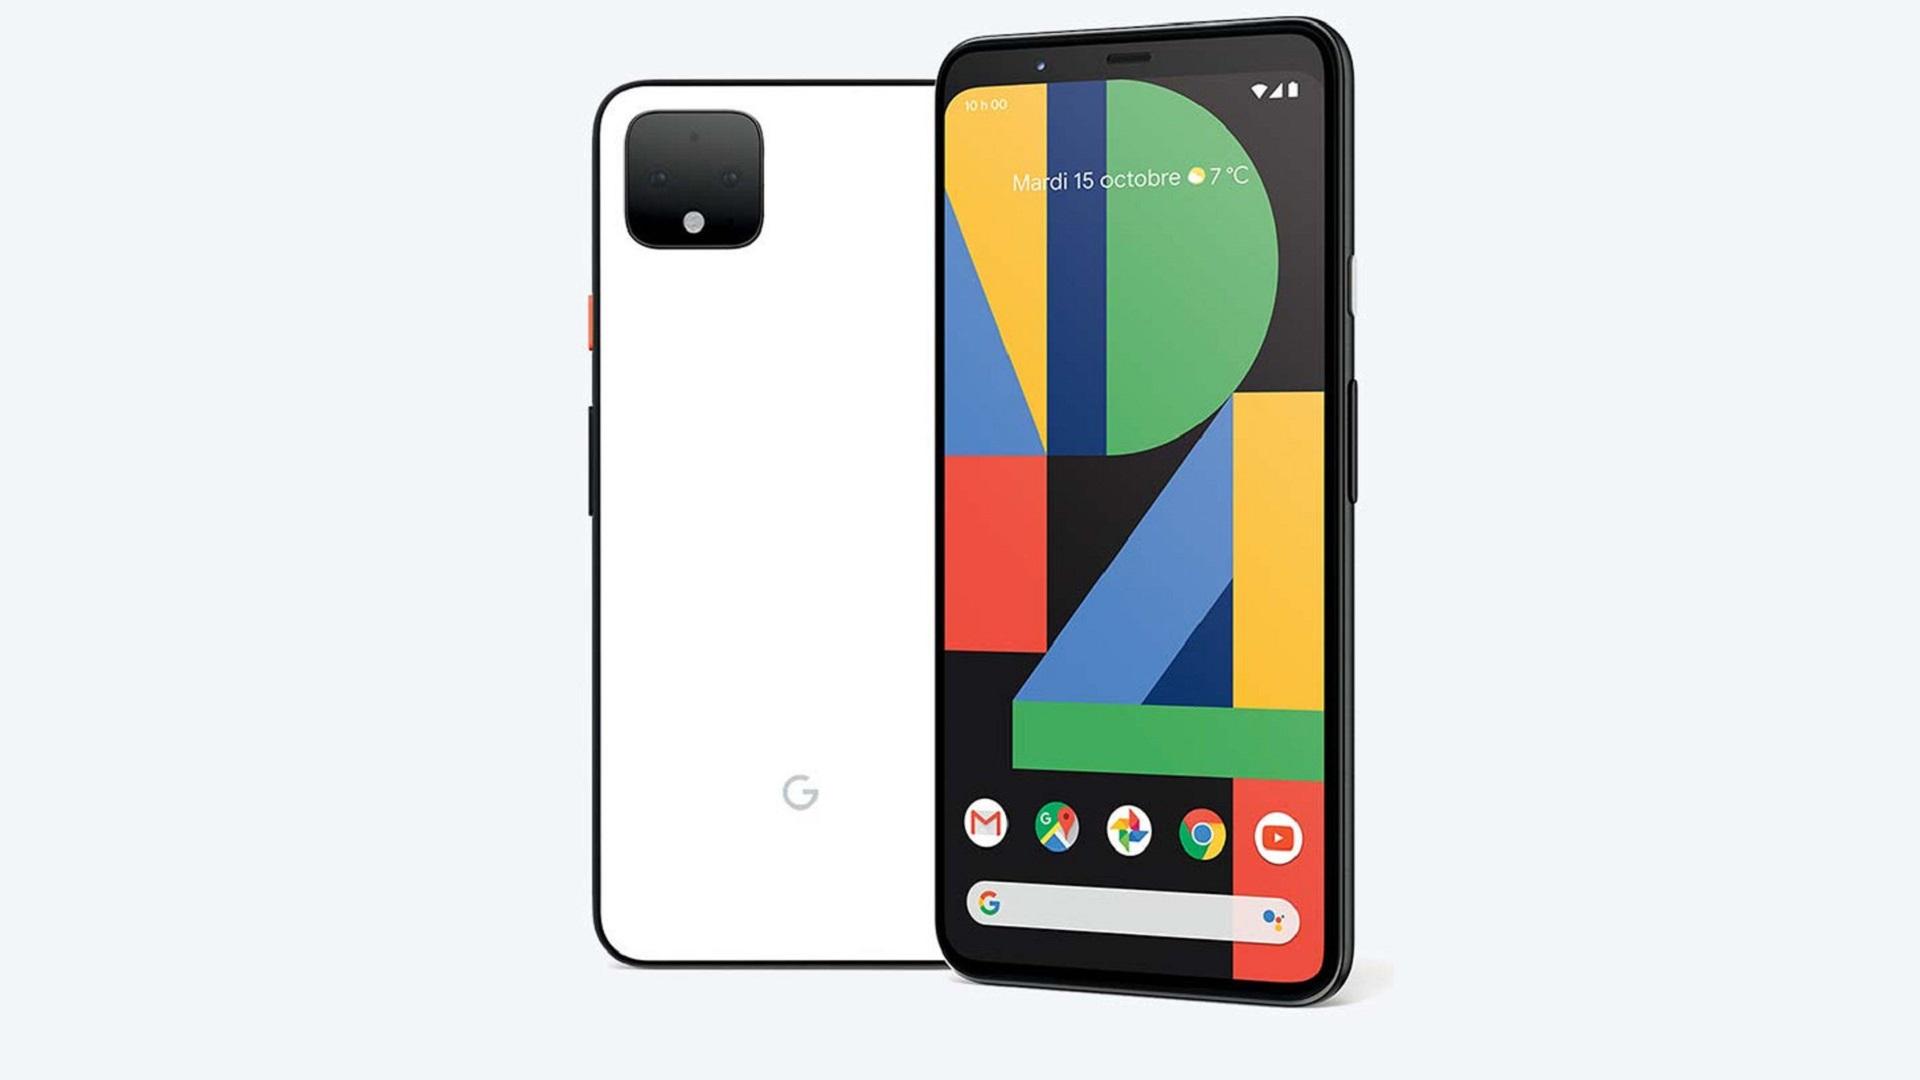 Google kuulutas välja Pixel 4 ja 4 XL-i, hinnad ja müügiletulekuaeg teada